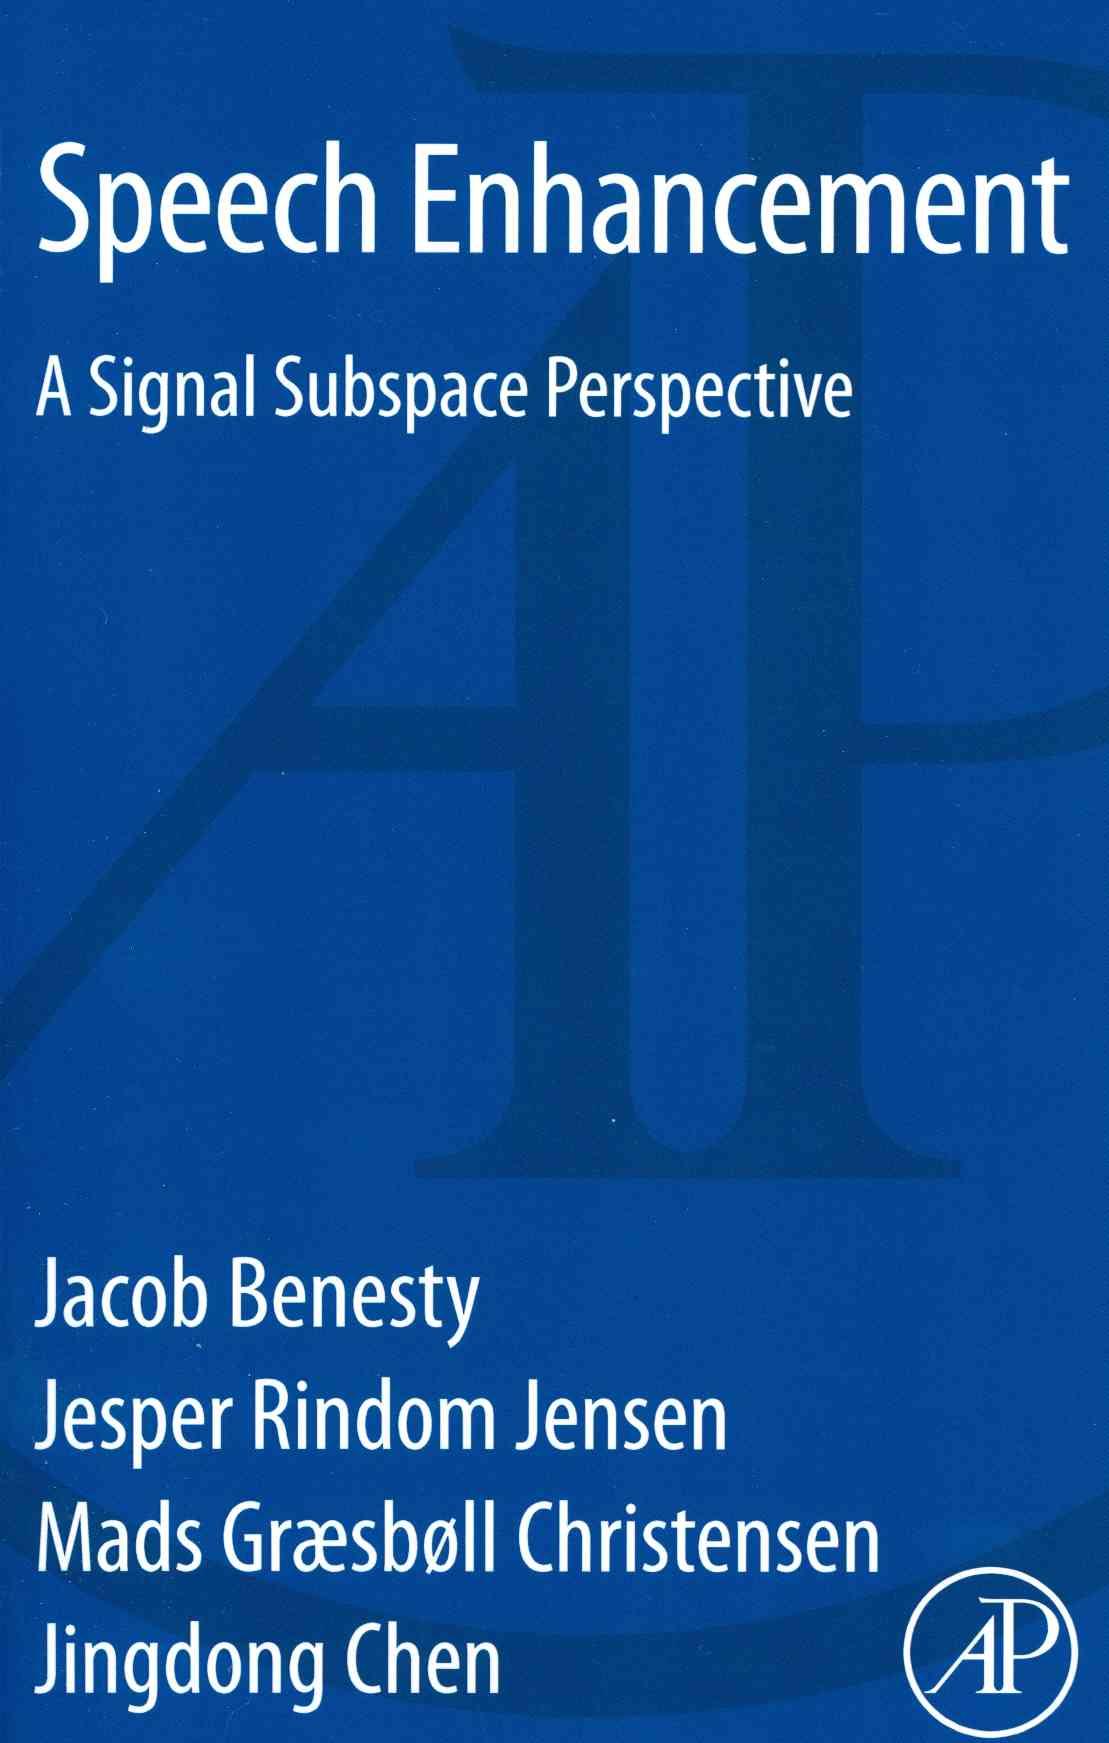 Speech Enhancement By Benesty, Jacob/ Jensen, Jesper Rindom/ Christensen, Mads Graesboll/ Chen, Jingdong